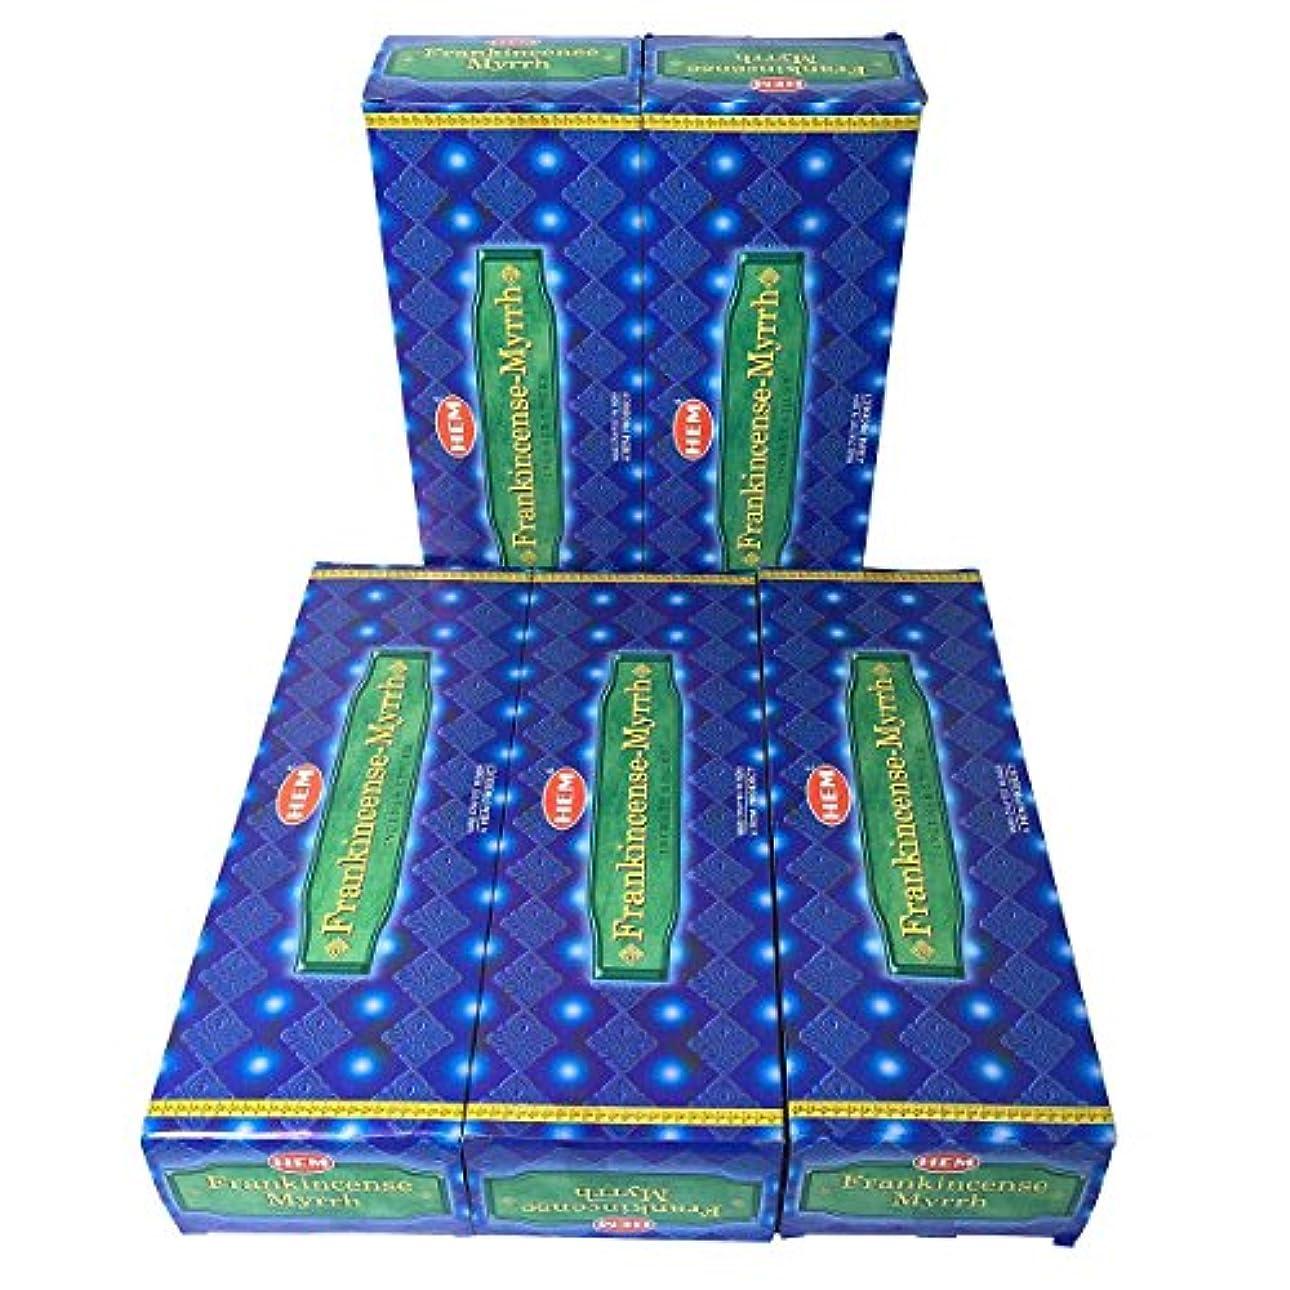 めったに商標うぬぼれたHEM フランキンセンス-ミルラ香 スティック 5BOX(30箱)/HEM FRANKINCENSE MYRRH/ インド香 / 送料無料 [並行輸入品]